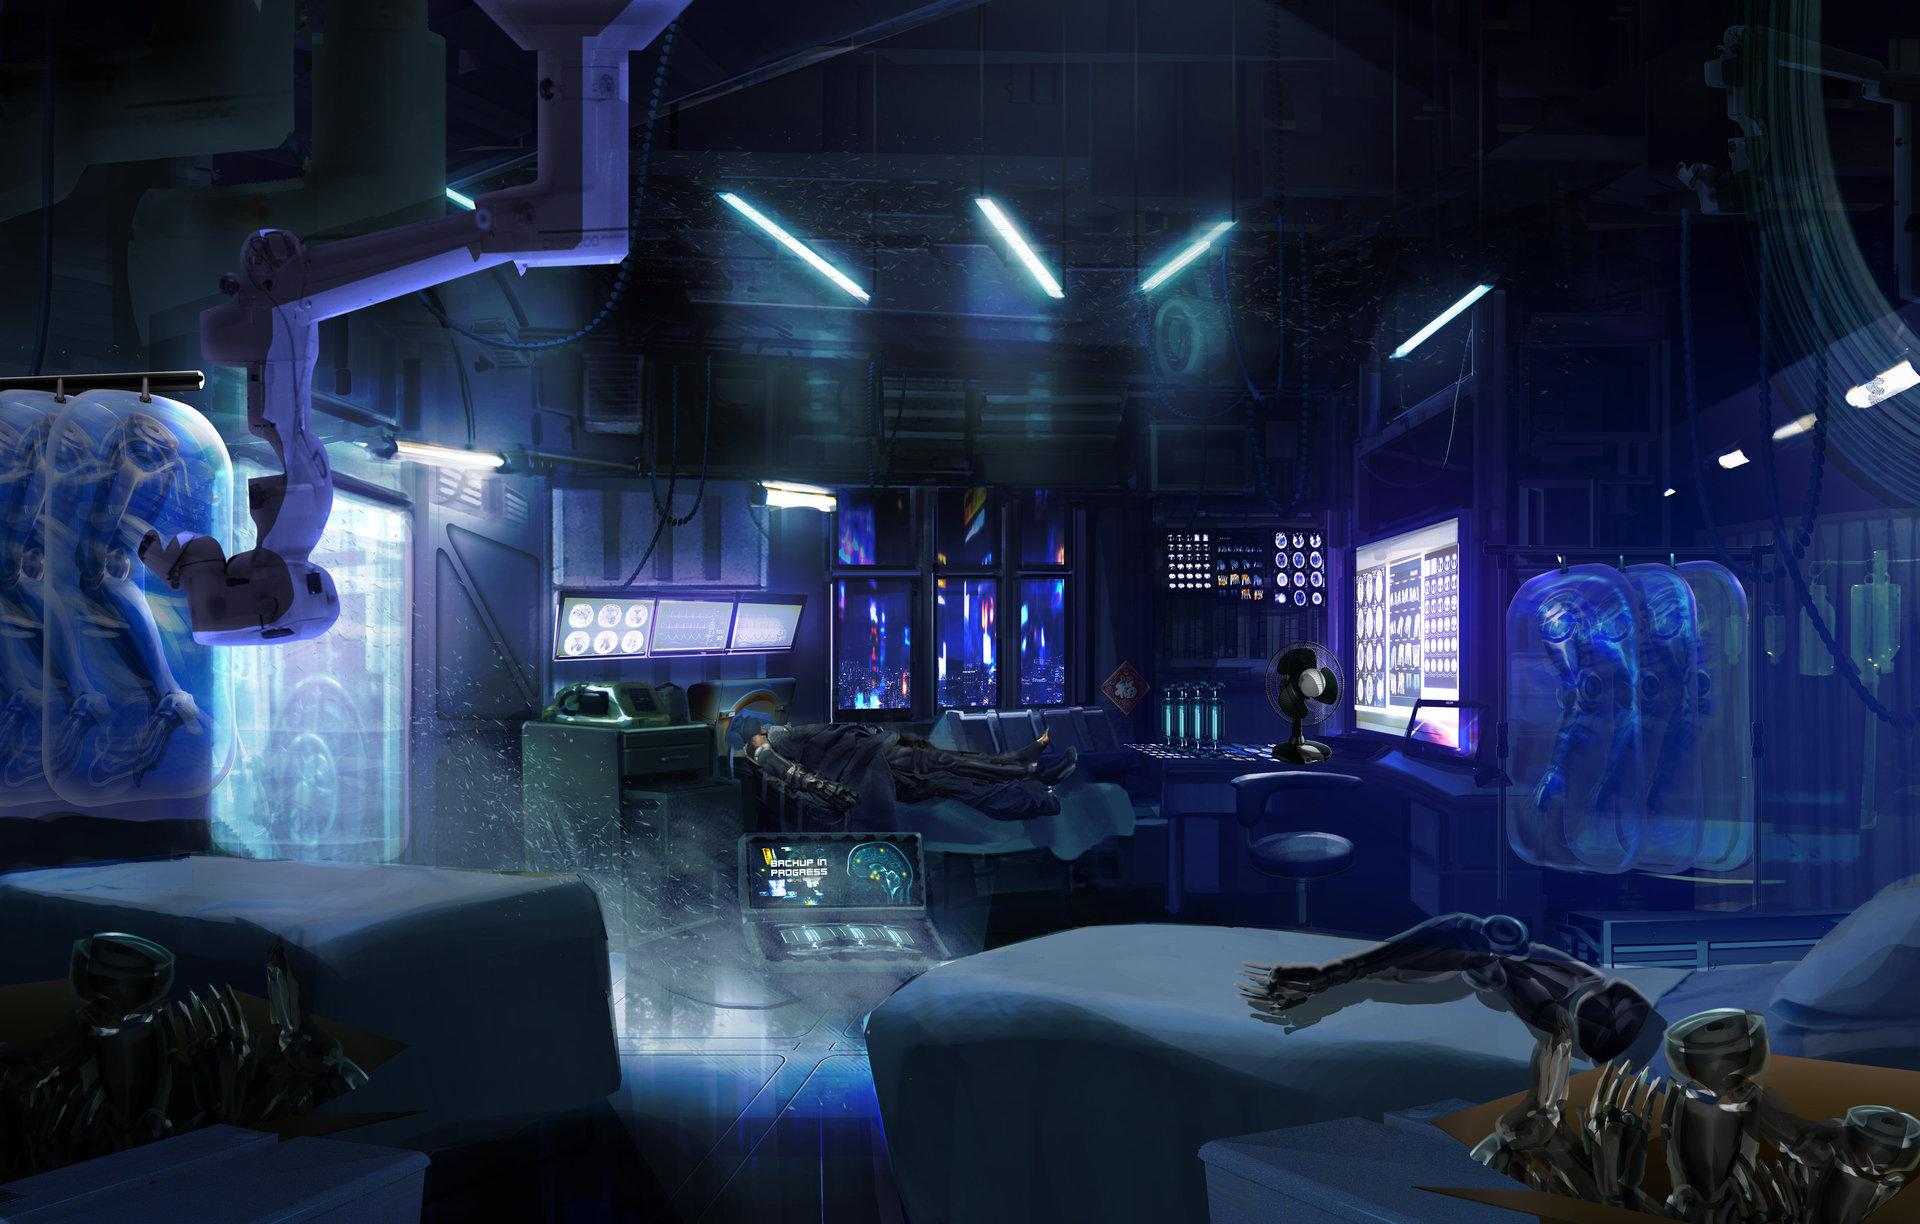 Cyberpunk medclinic